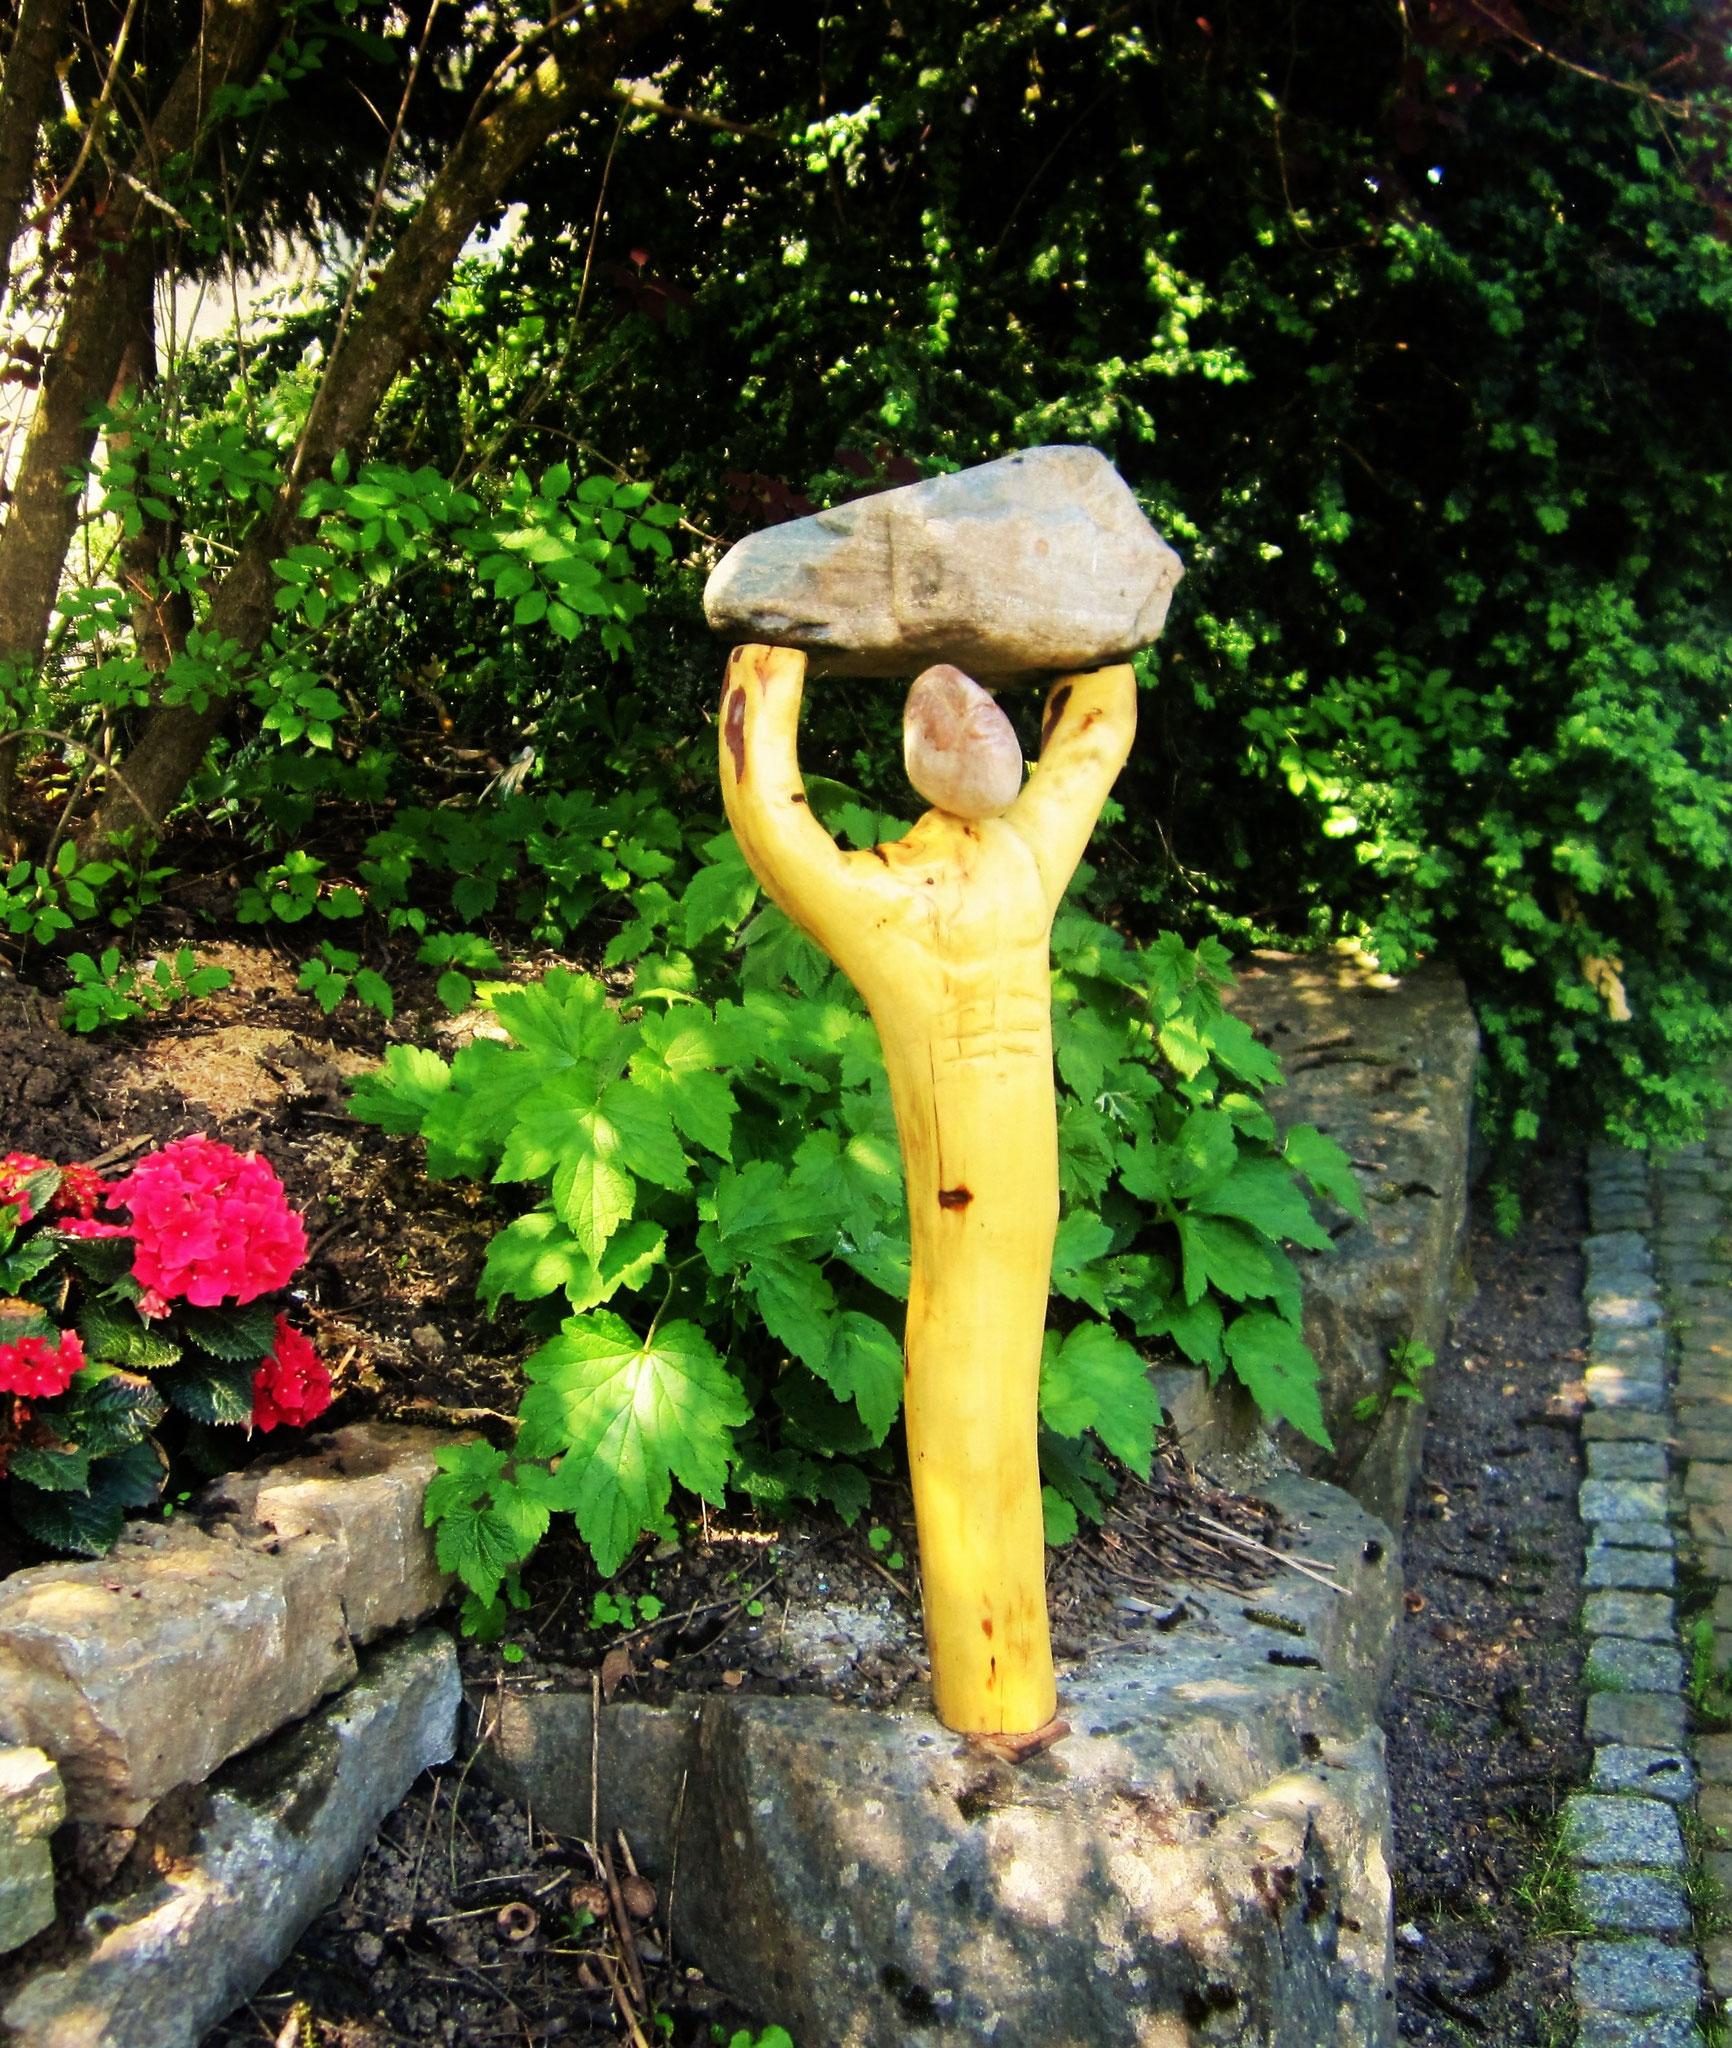 Gartenskulpturen aus HolzStein und Metall  UdoSArt Kunst aus HolzStein uMetall